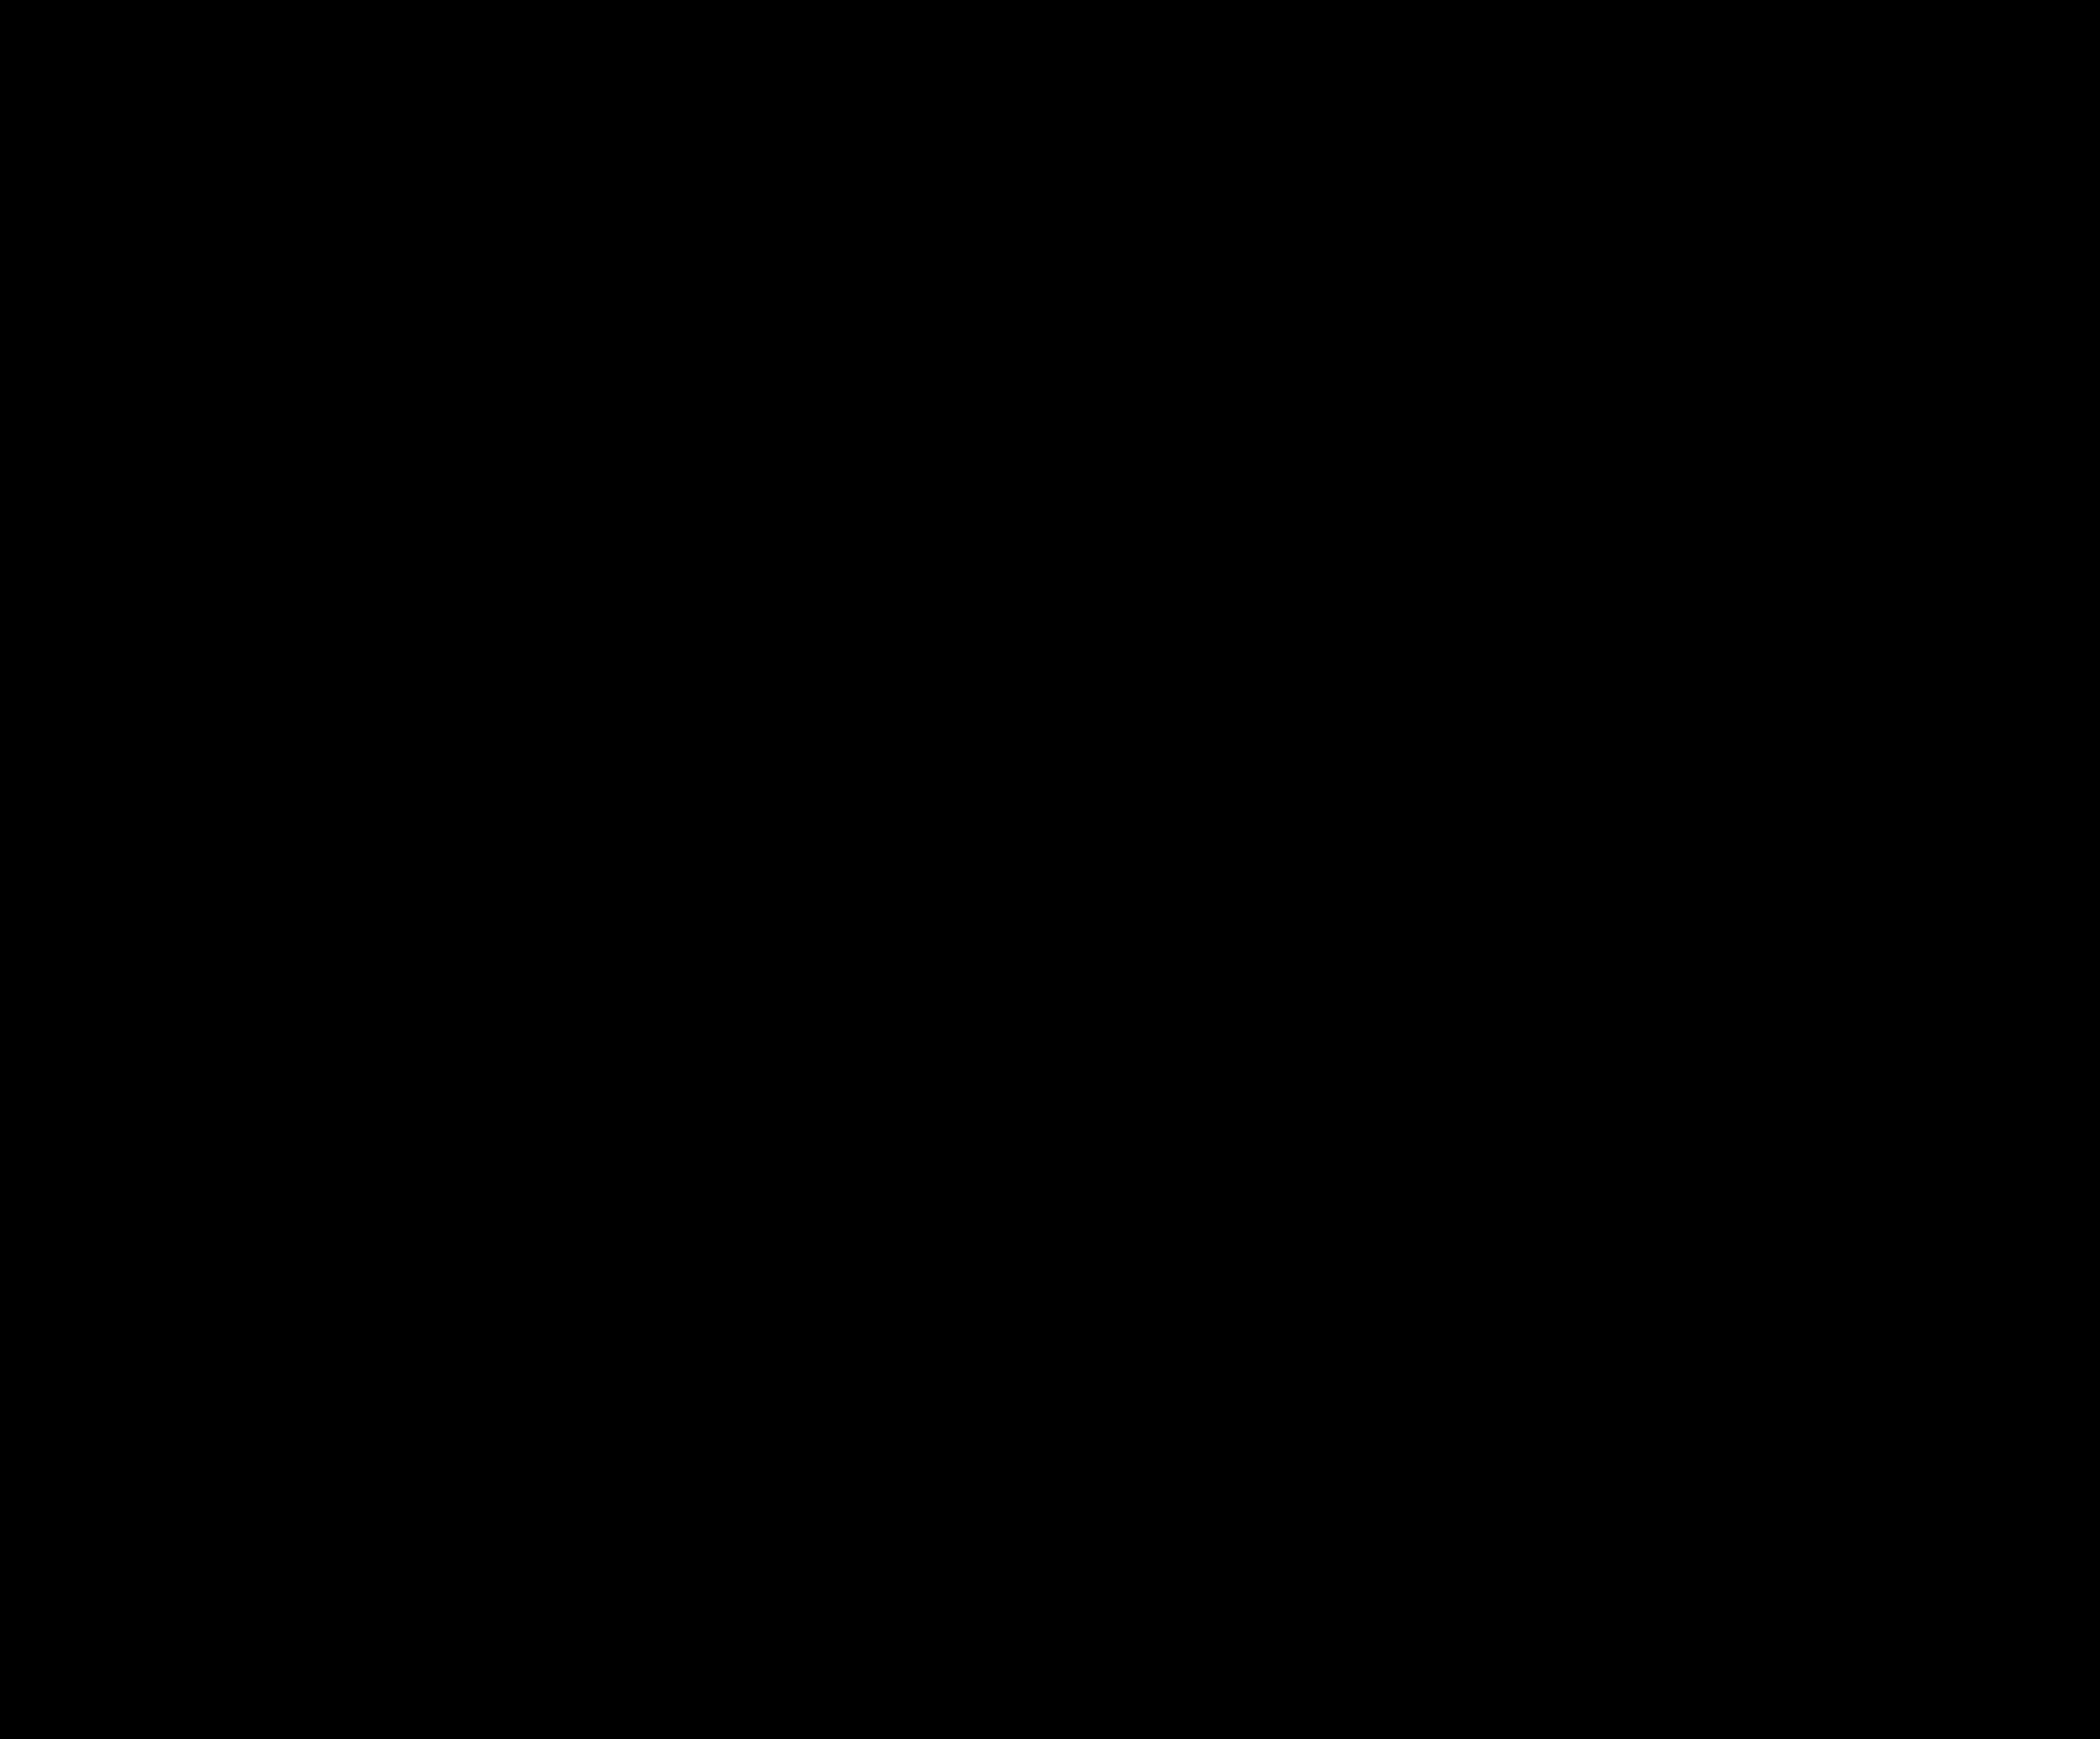 Il turbocompressore elettrico, aria nuova per i motori e gli ibridi